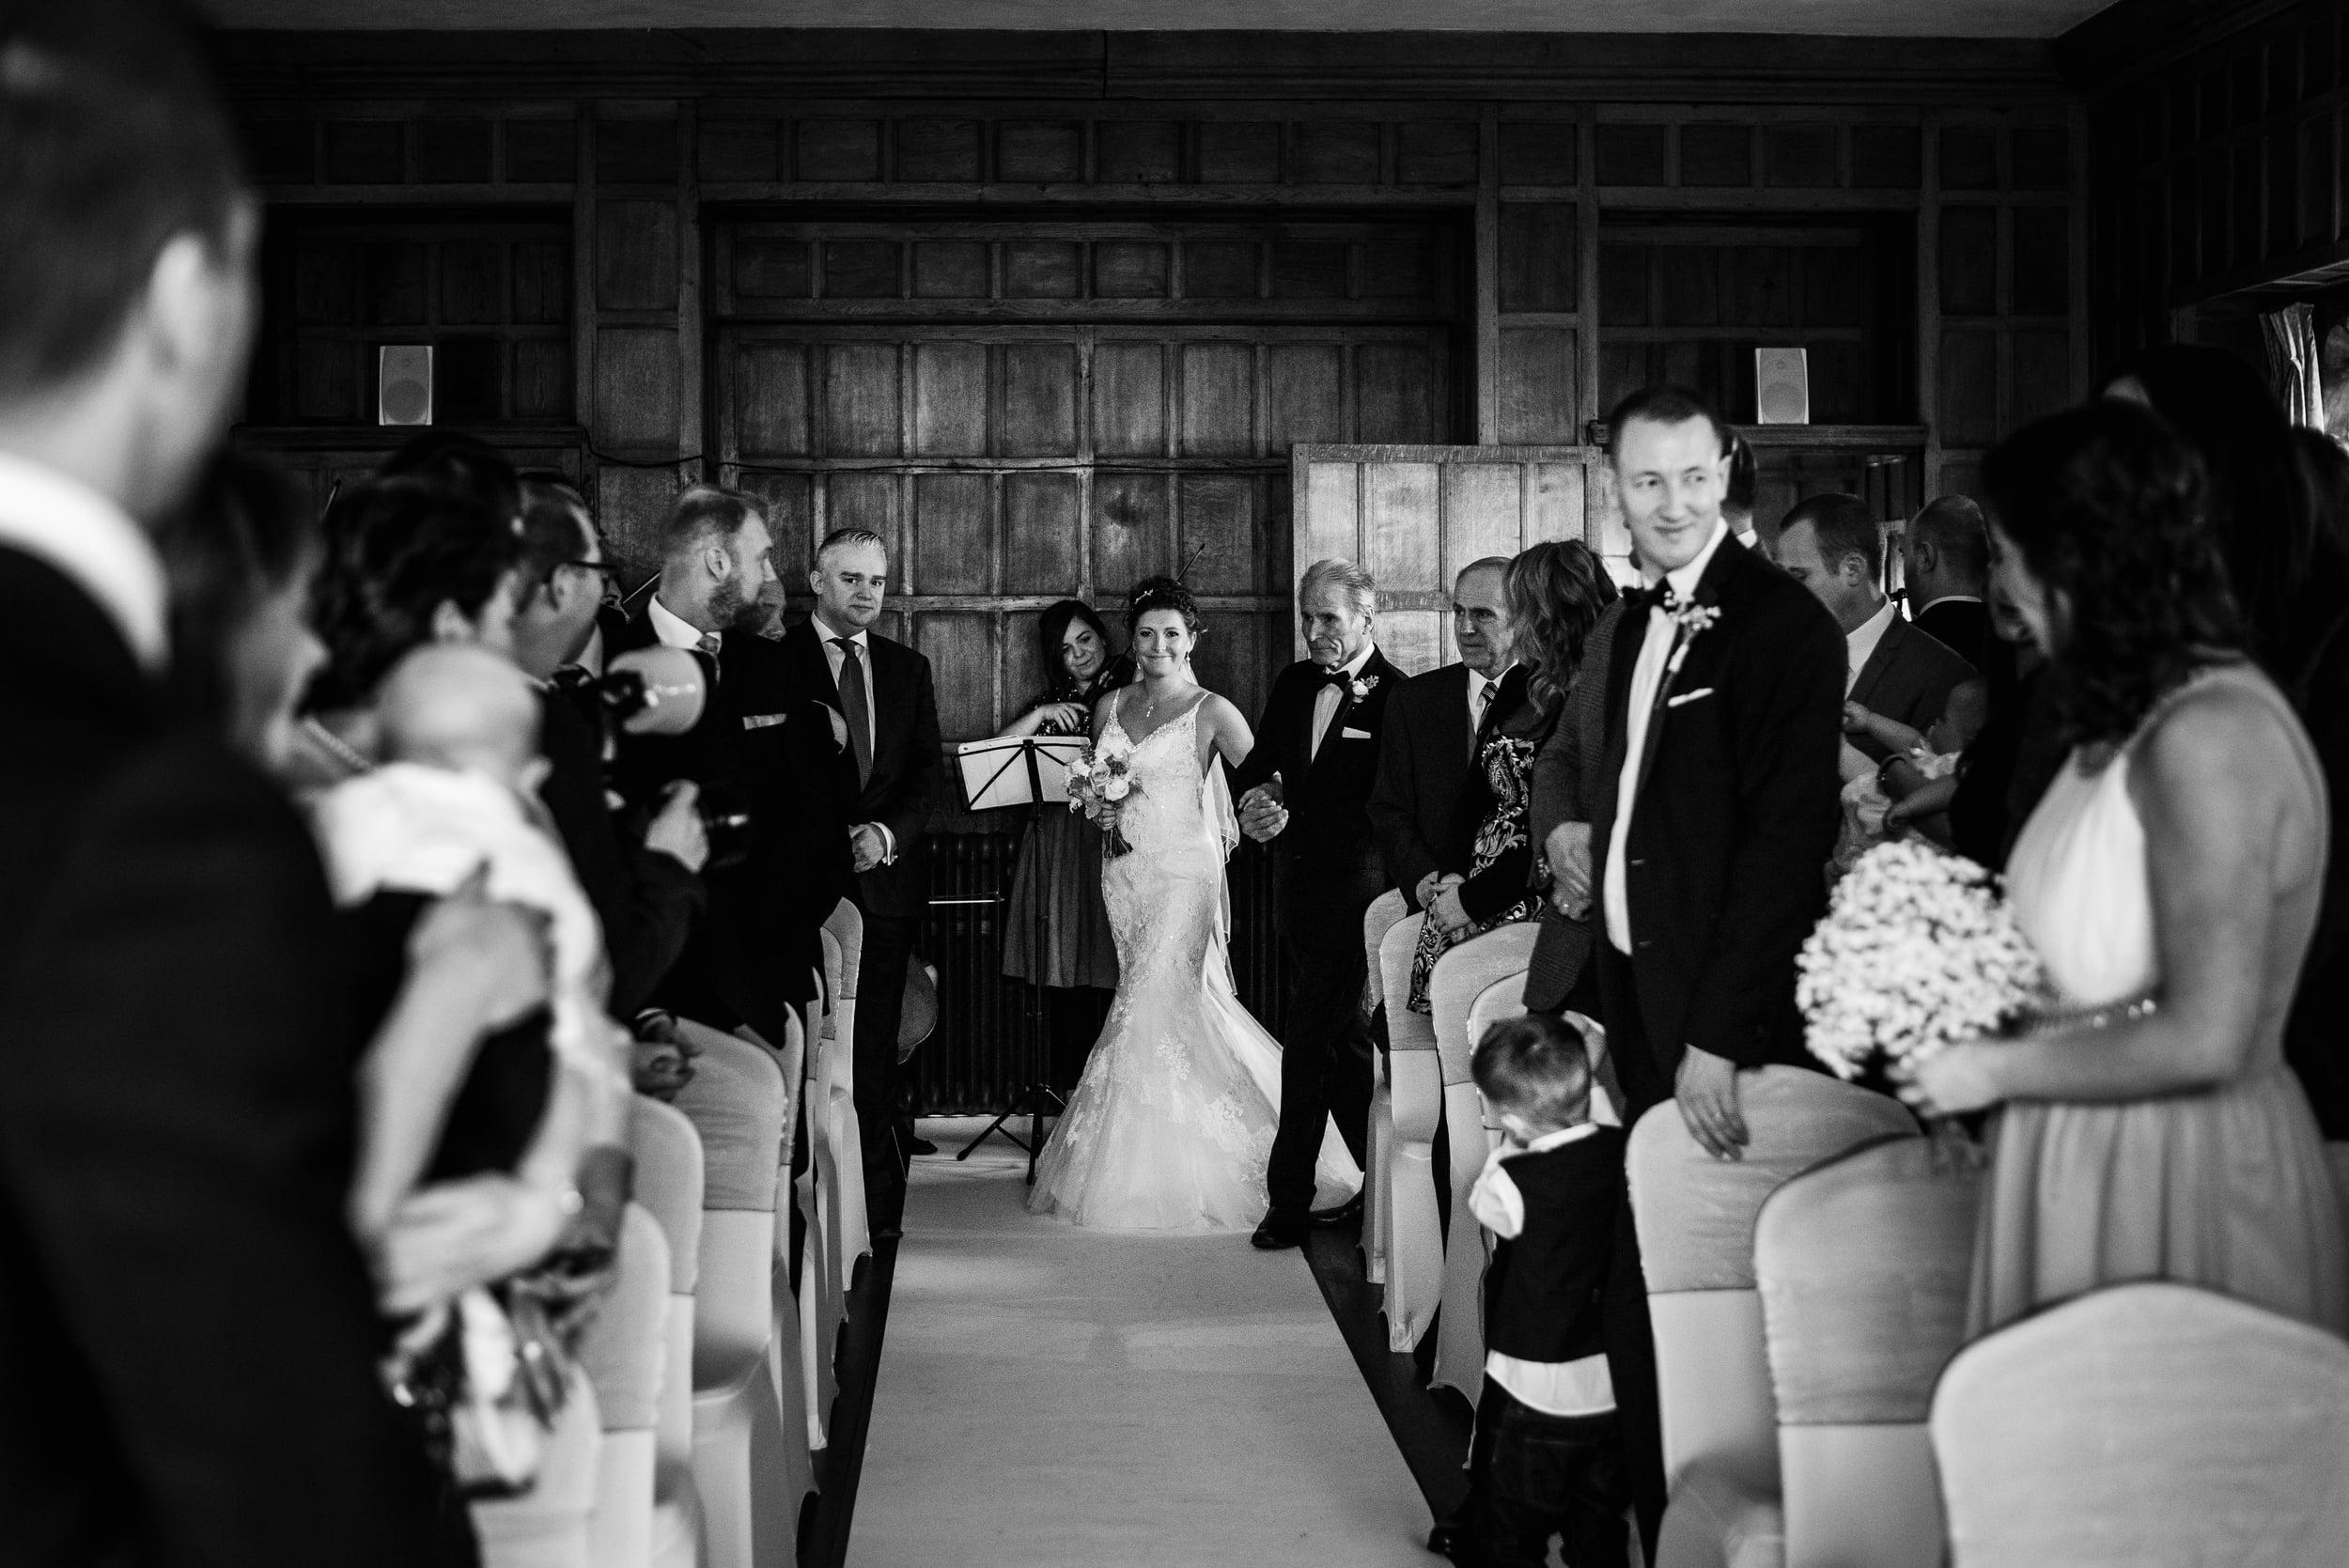 lympne castle wedding photographylympne castle wedding photography